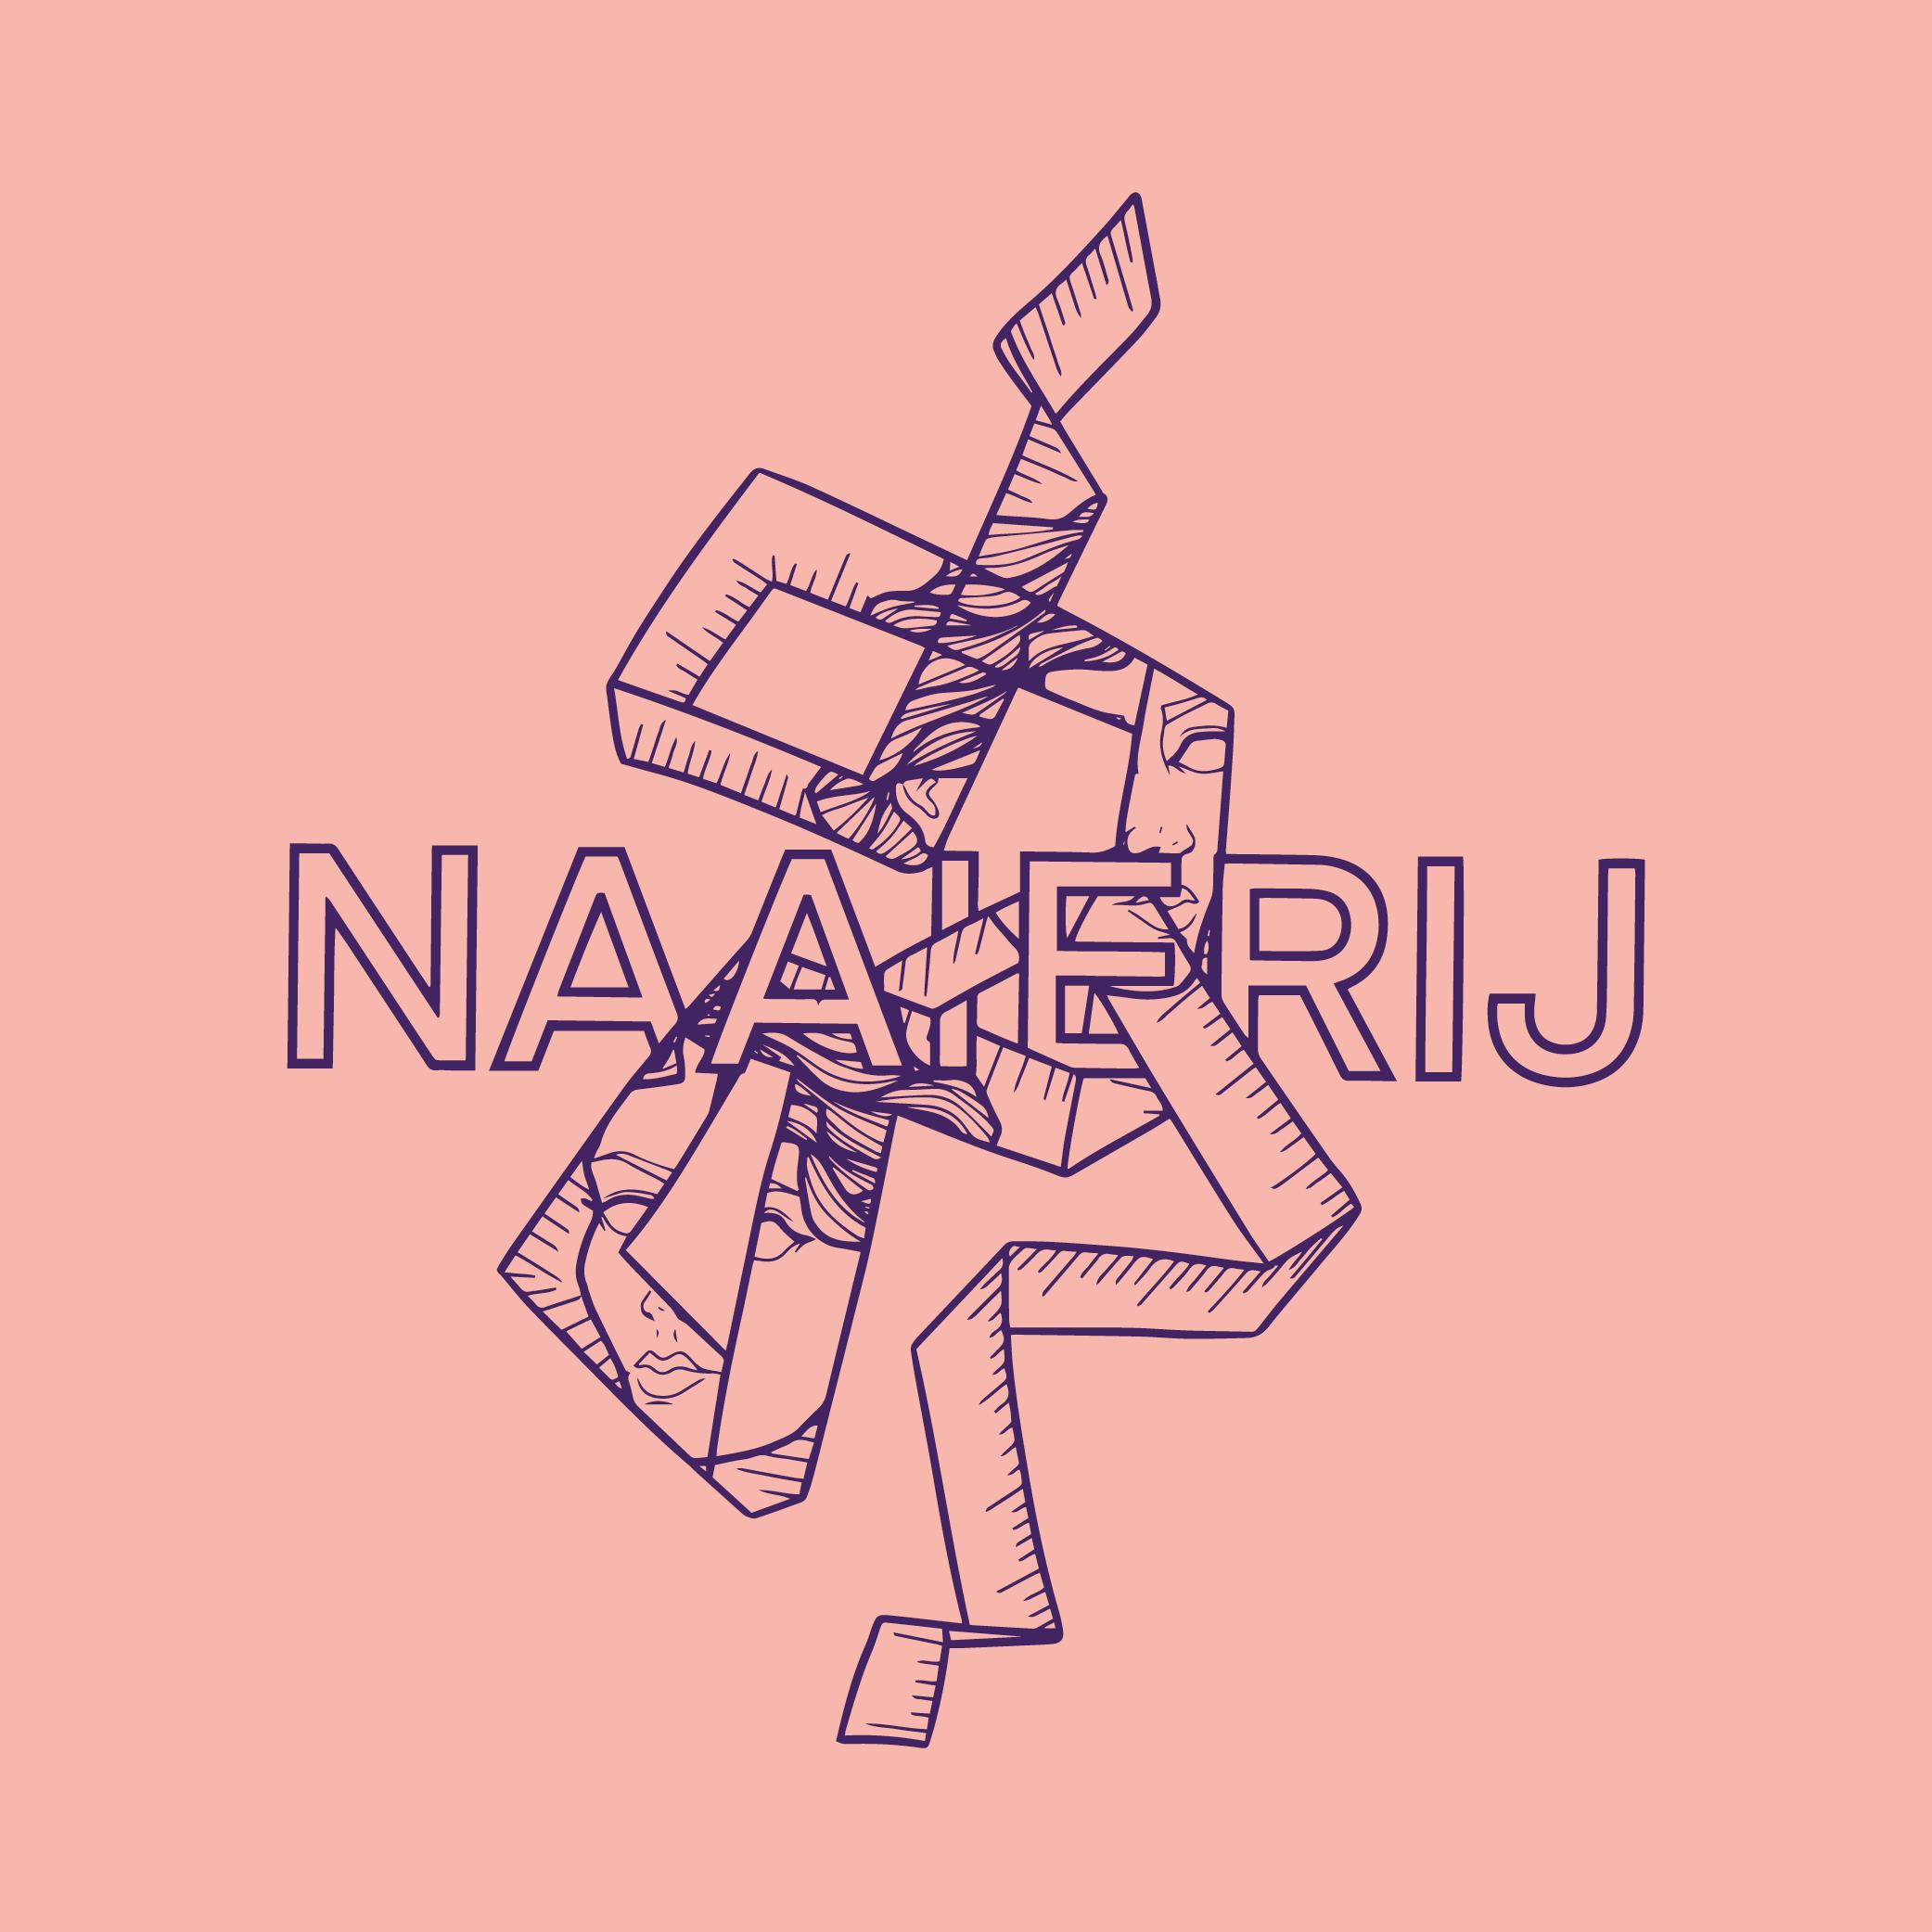 Naaierij